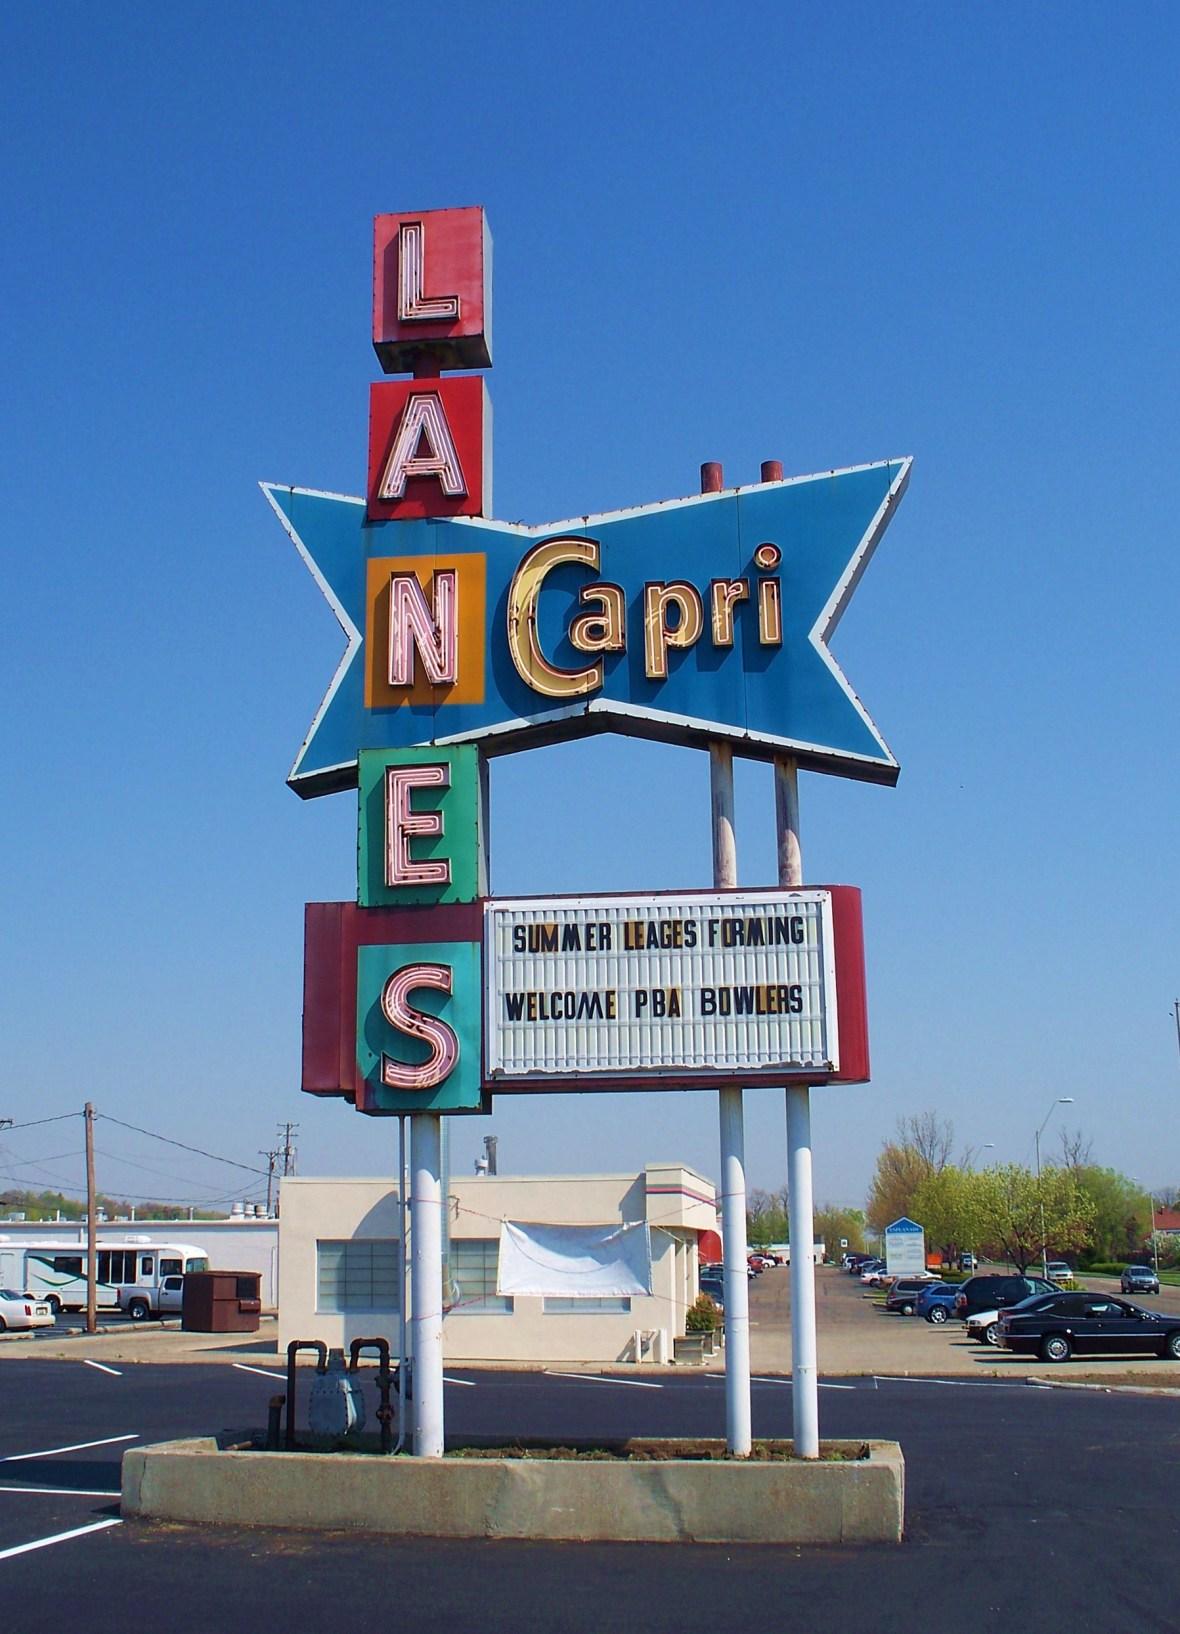 Capri Lanes - 2727 South Dixie Drive, Dayton, Ohio U.S.A. - April 15, 2010